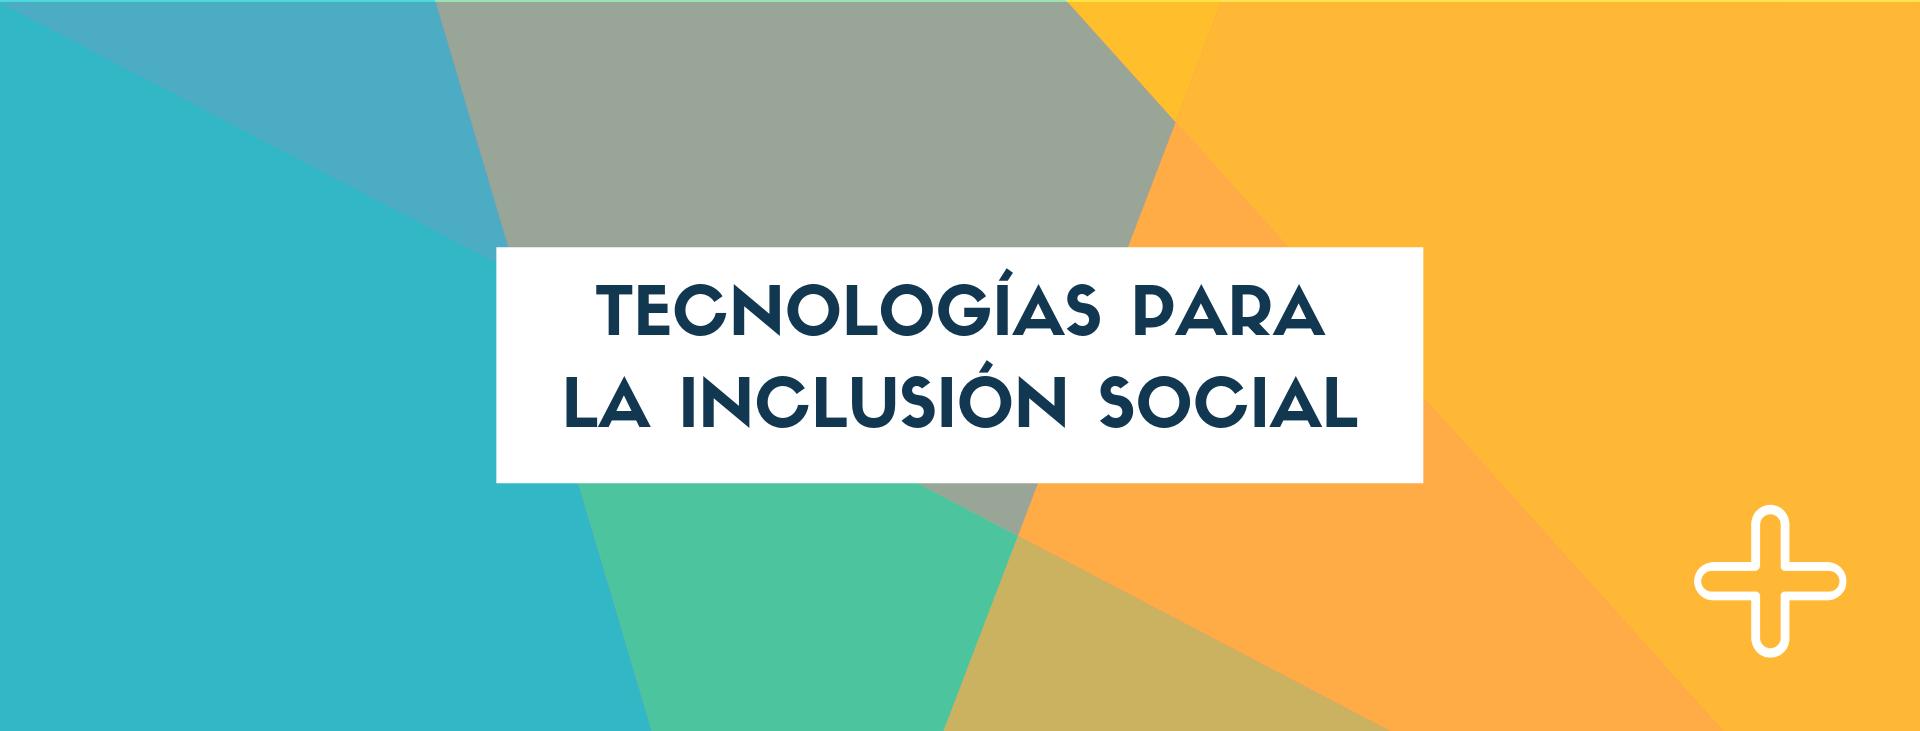 Tecnologías para la inclusión social